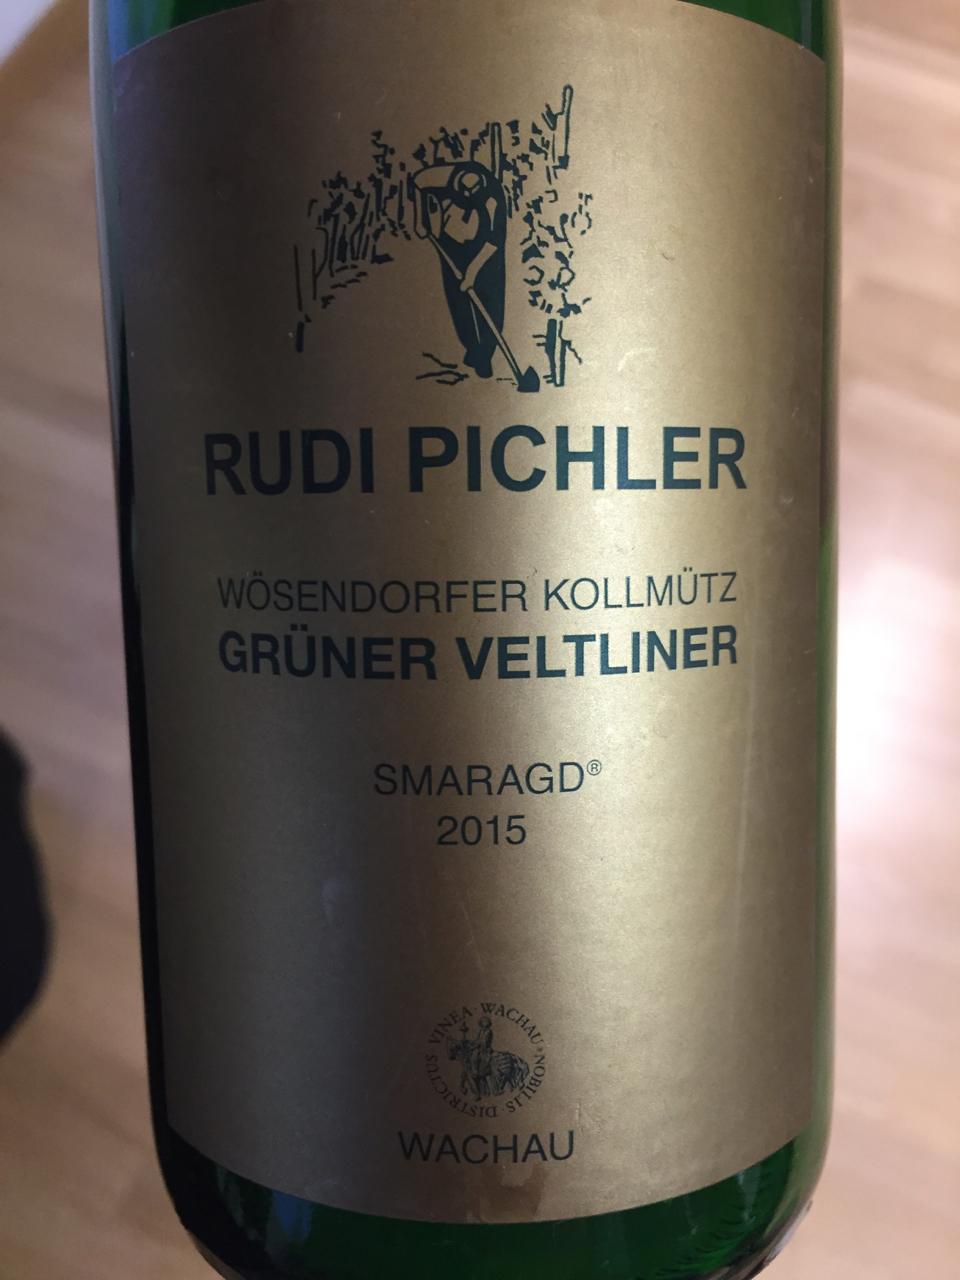 Grüner Veltliner (8).jpg